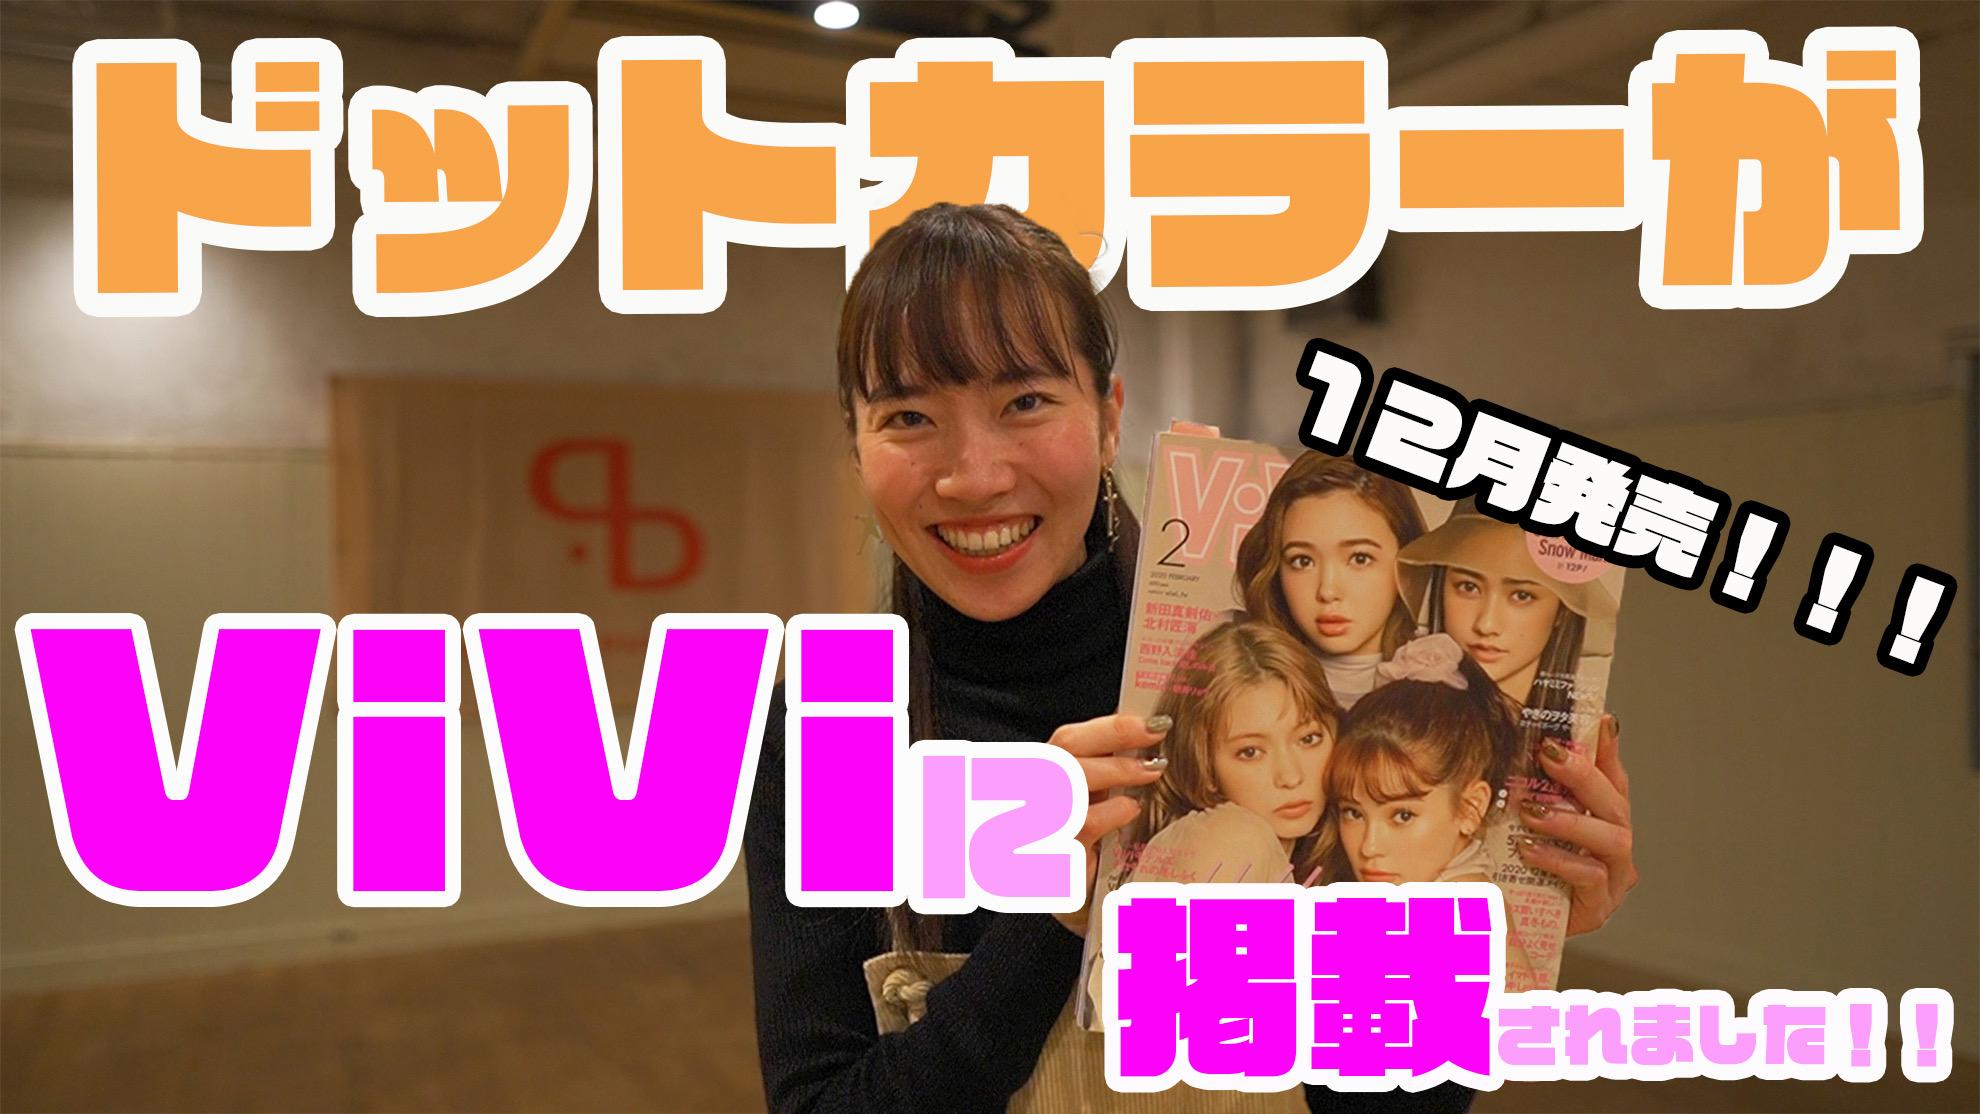 ドットカラーダンススタジオが「ViVi」に掲載されました!福岡でダンススタジオをお探しの方はドットカラーへ!